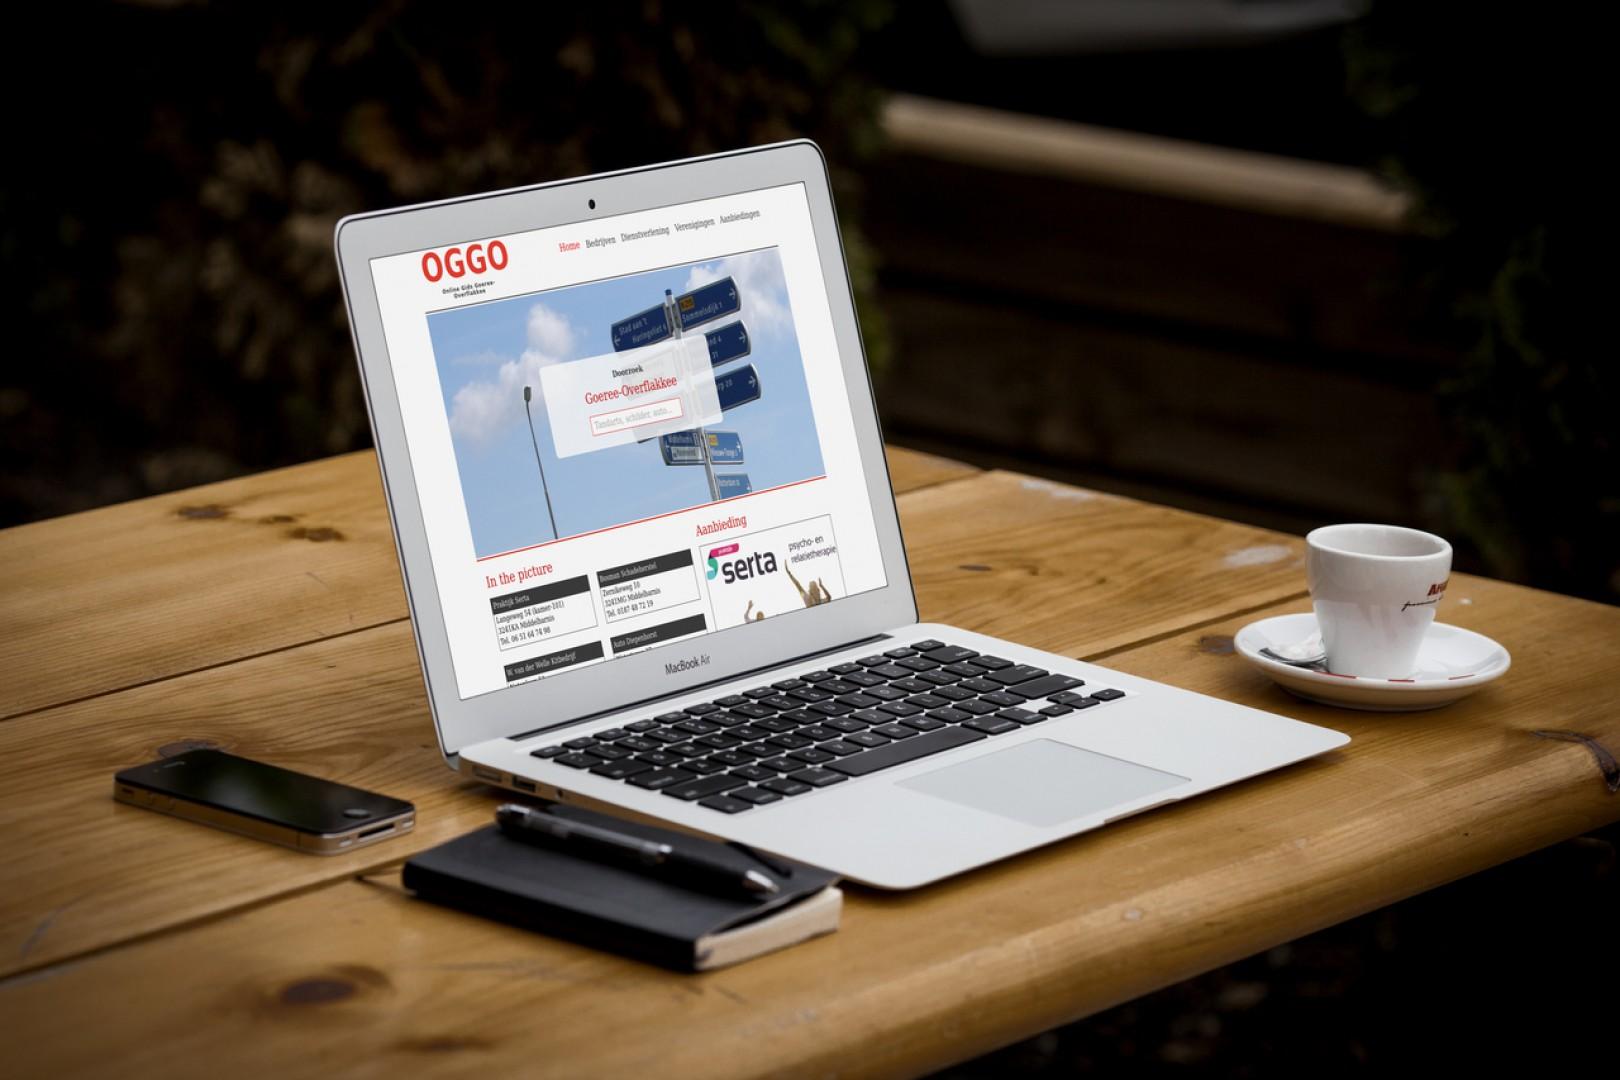 Online Gids Goeree-Overflakkee - Alle informatie over bedrijven, instellingen en verenigingen op Goeree-Overflakkee.